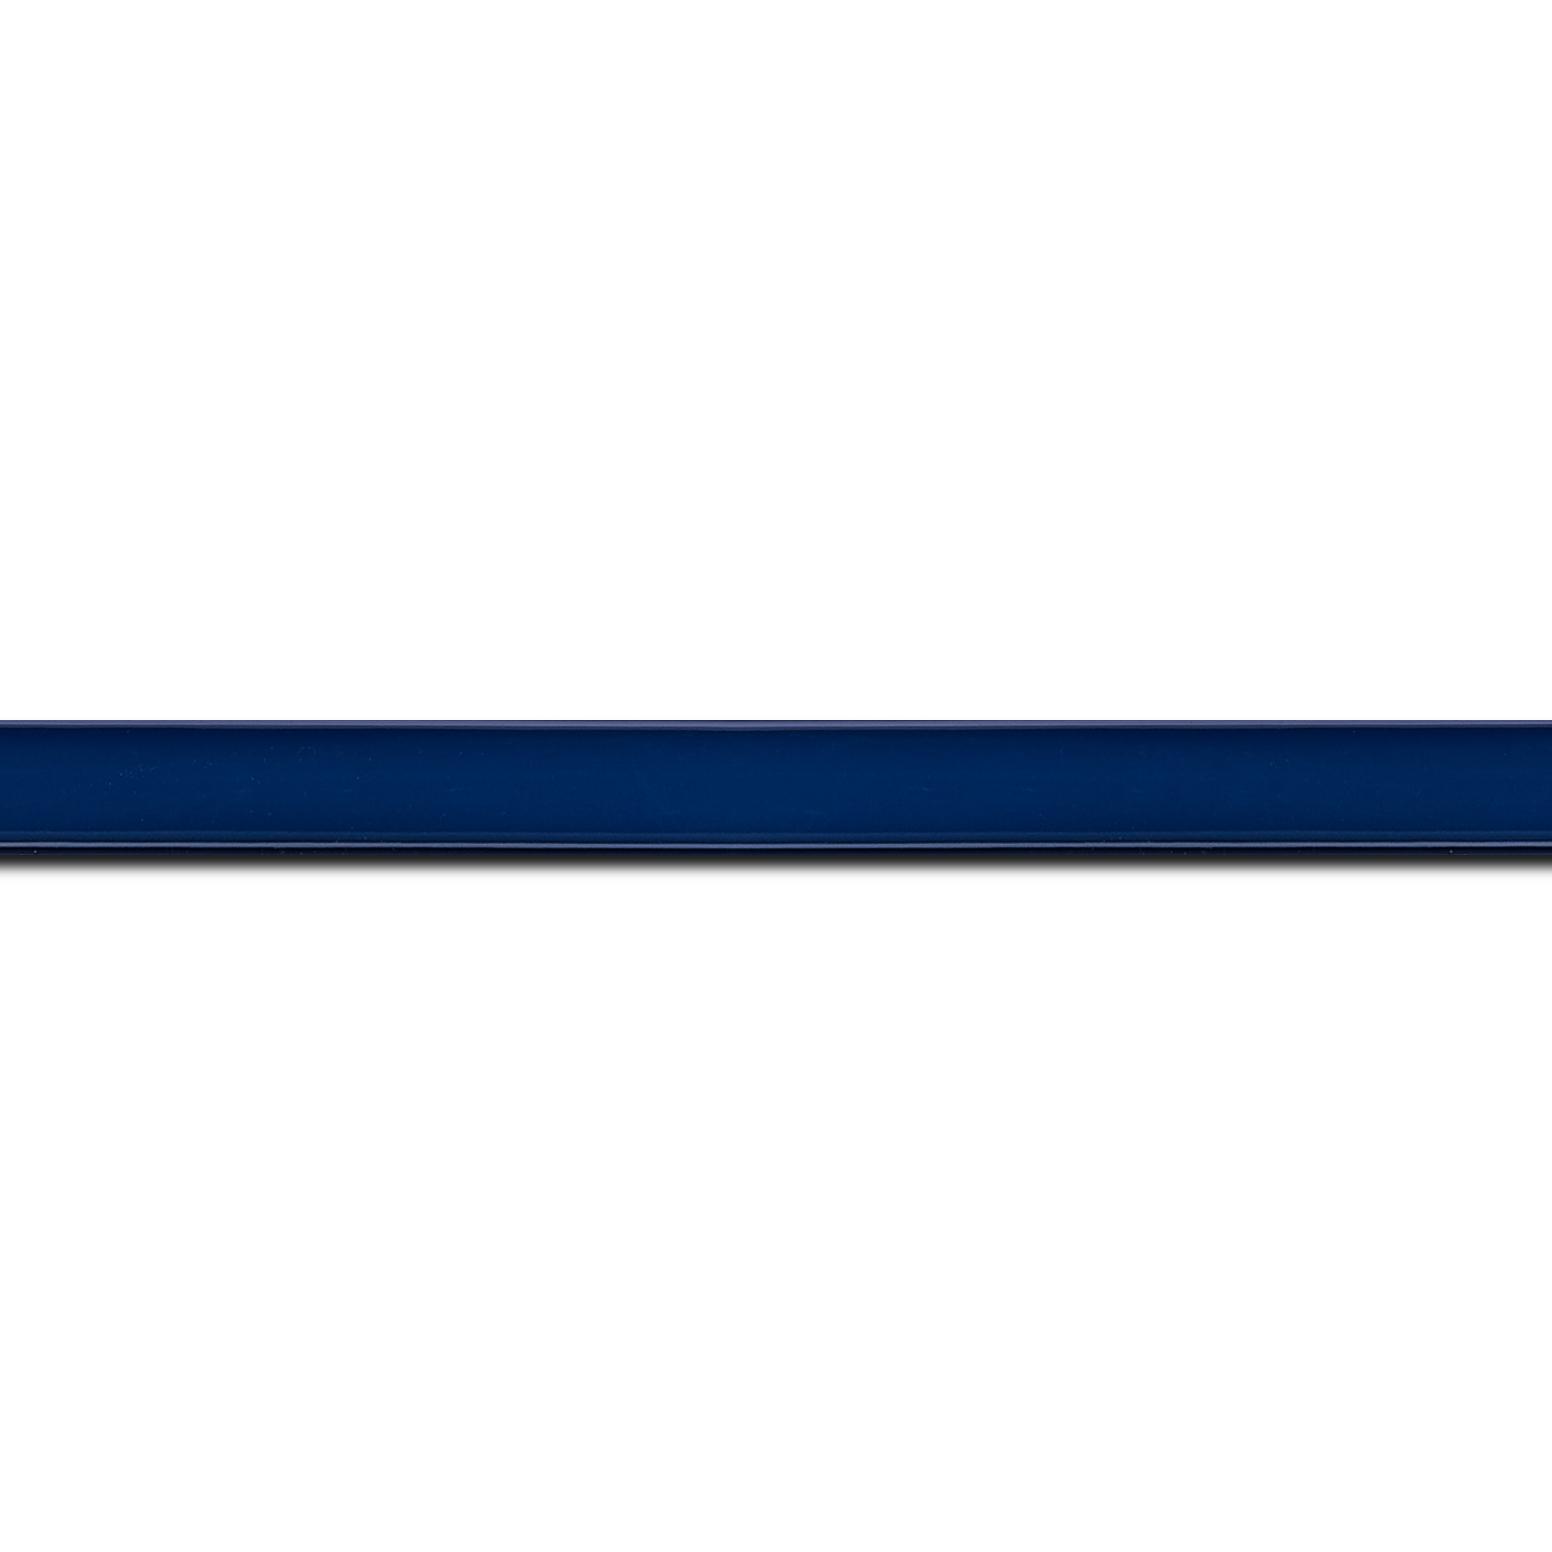 Pack par 12m, bois profil méplat largeur 1.4cm couleur bleu laqué (longueur baguette pouvant varier entre 2.40m et 3m selon arrivage des bois)